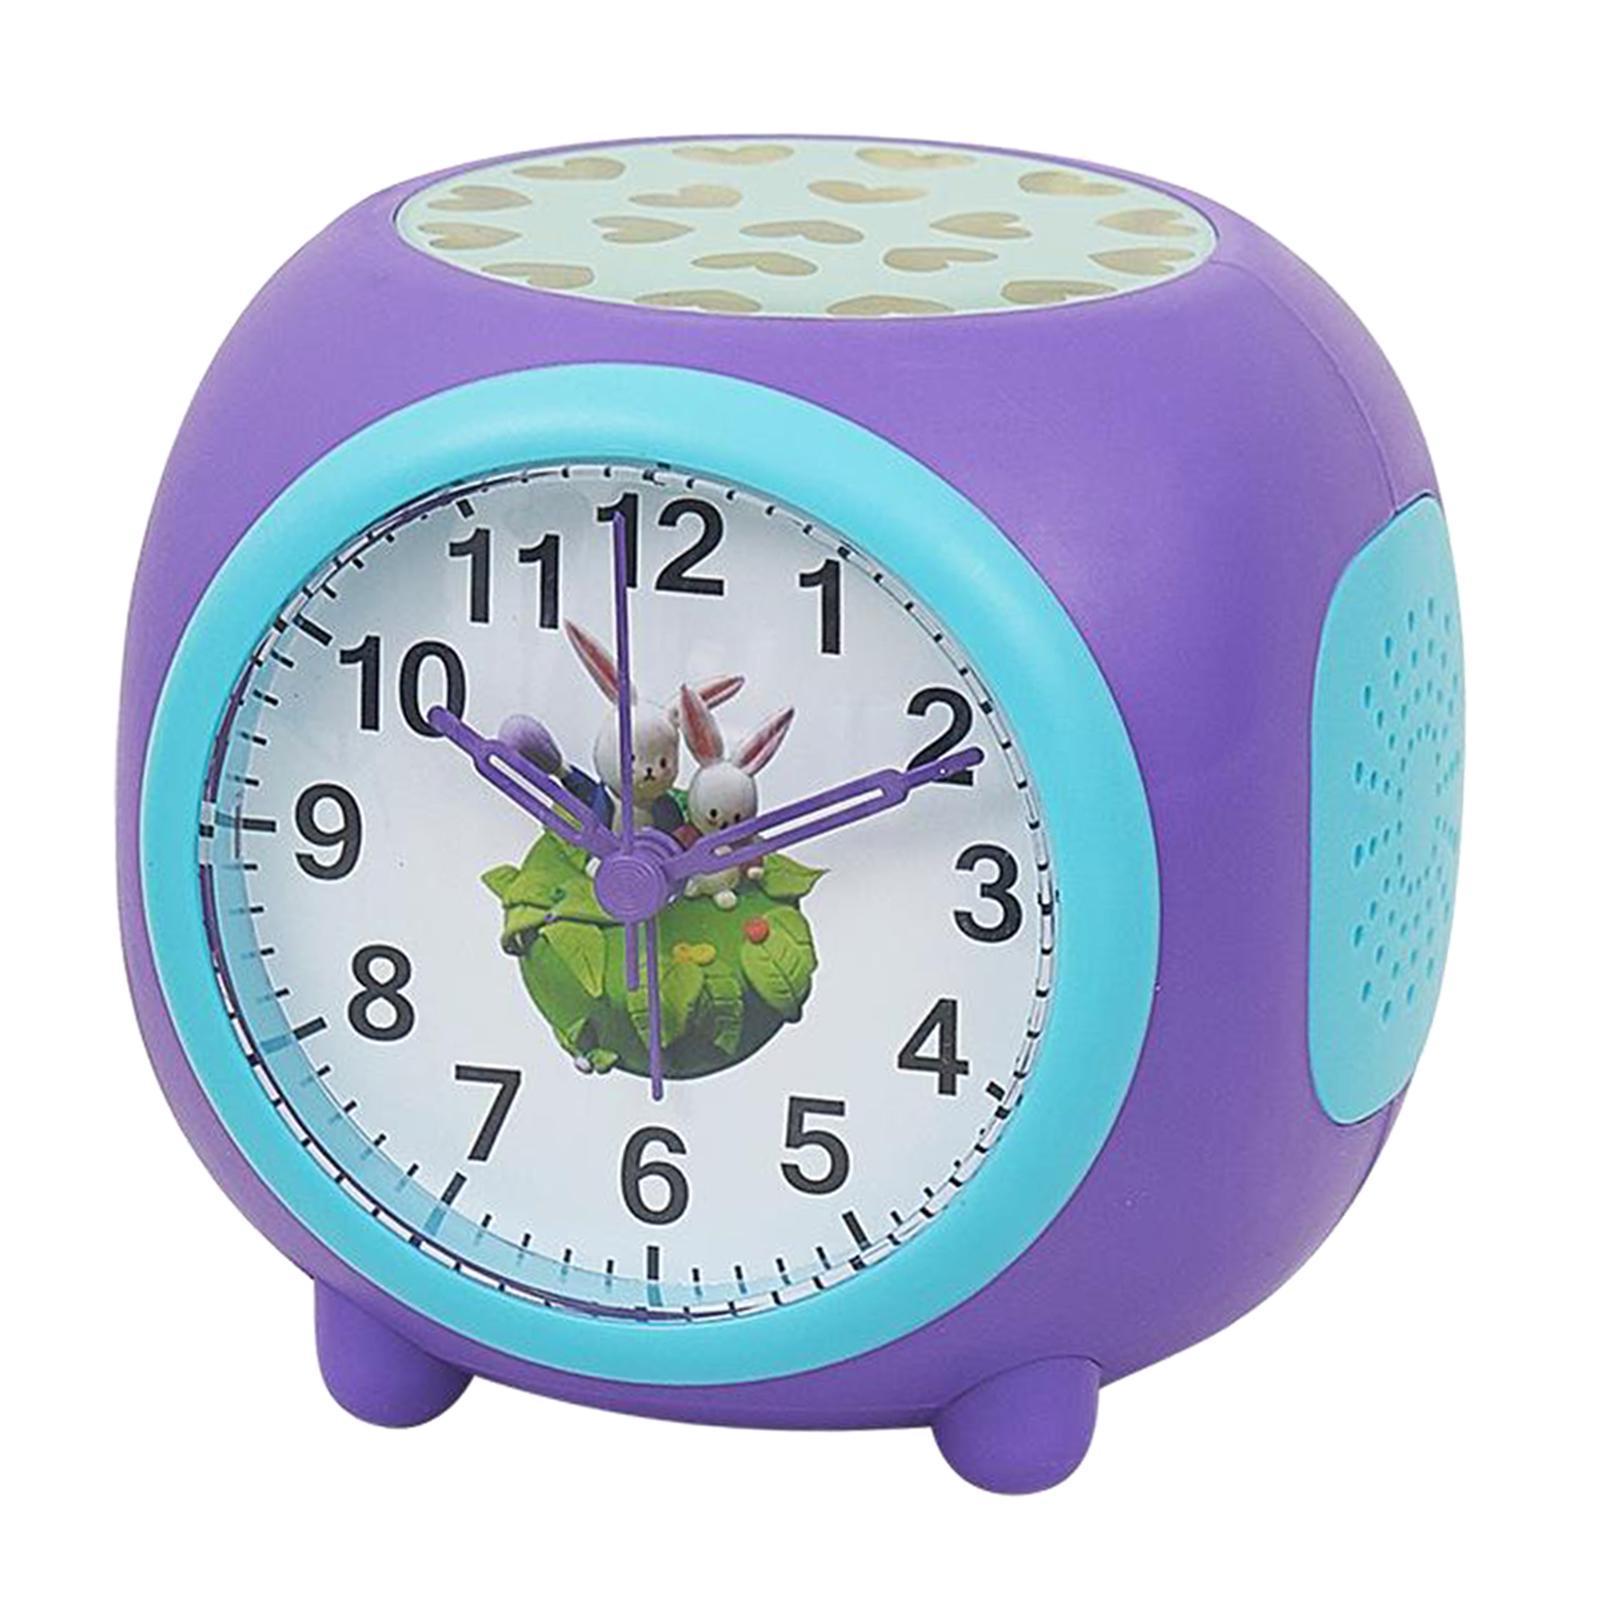 Controllo-vocale-Star-Projection-Lamp-Sveglia-Snooze-Clock-Orologio-da-camera-da miniatura 3